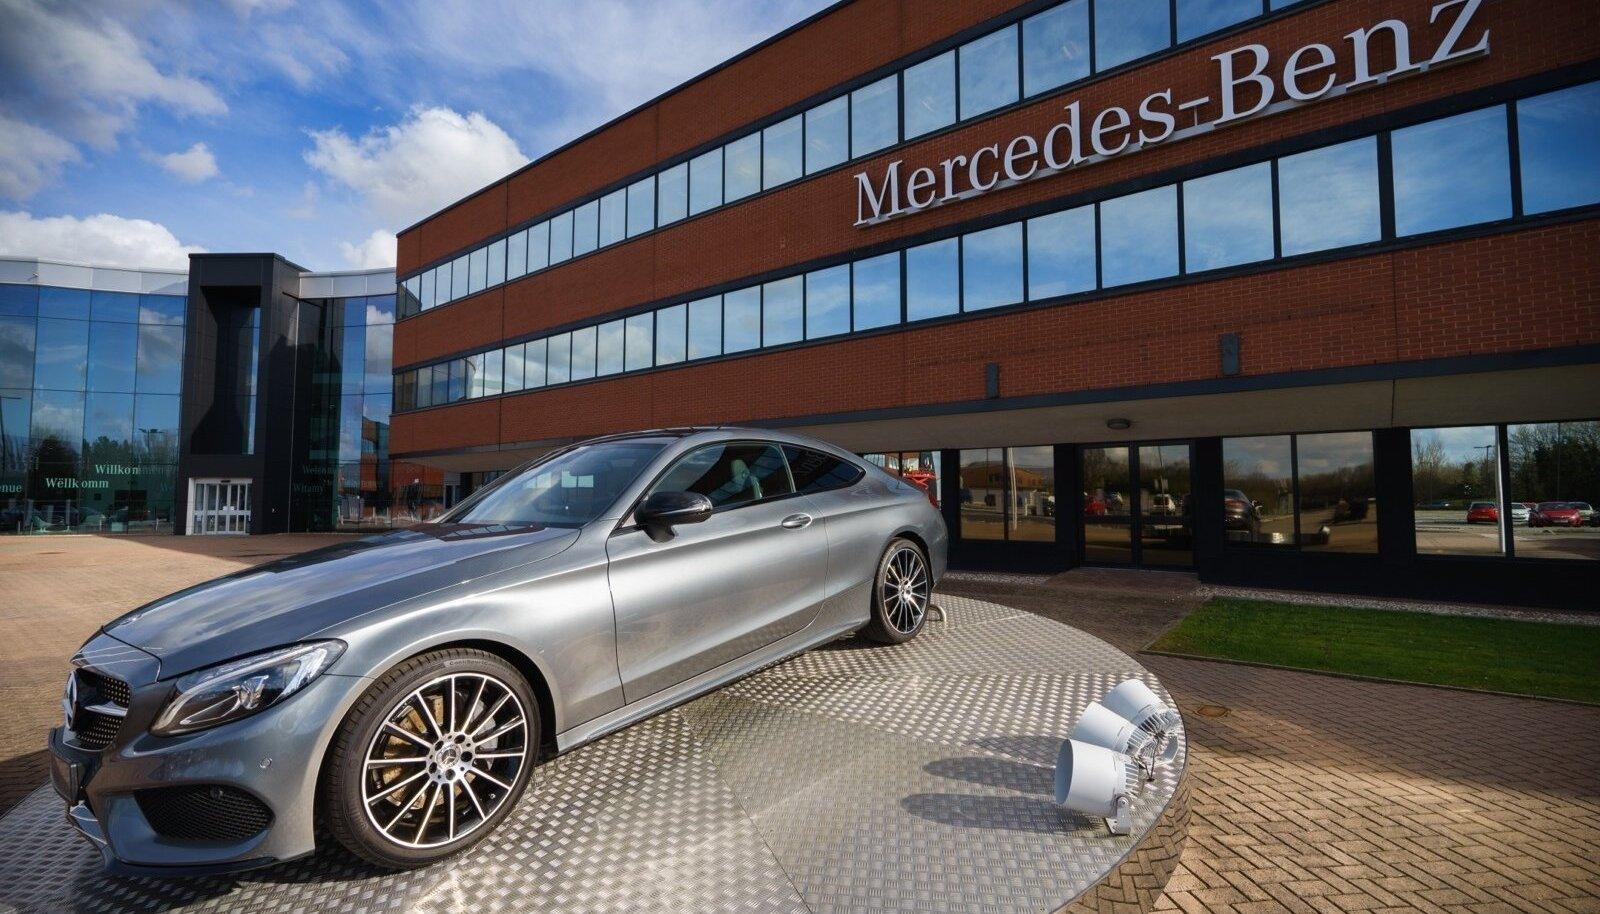 Uber ning Mercedes-Benzi emafirma Daimler teevad koostööd, mille alusel hakkavad Daimleri isesõitvad autod vedama kliente Uberi sõidujagamisvõrgustikus.